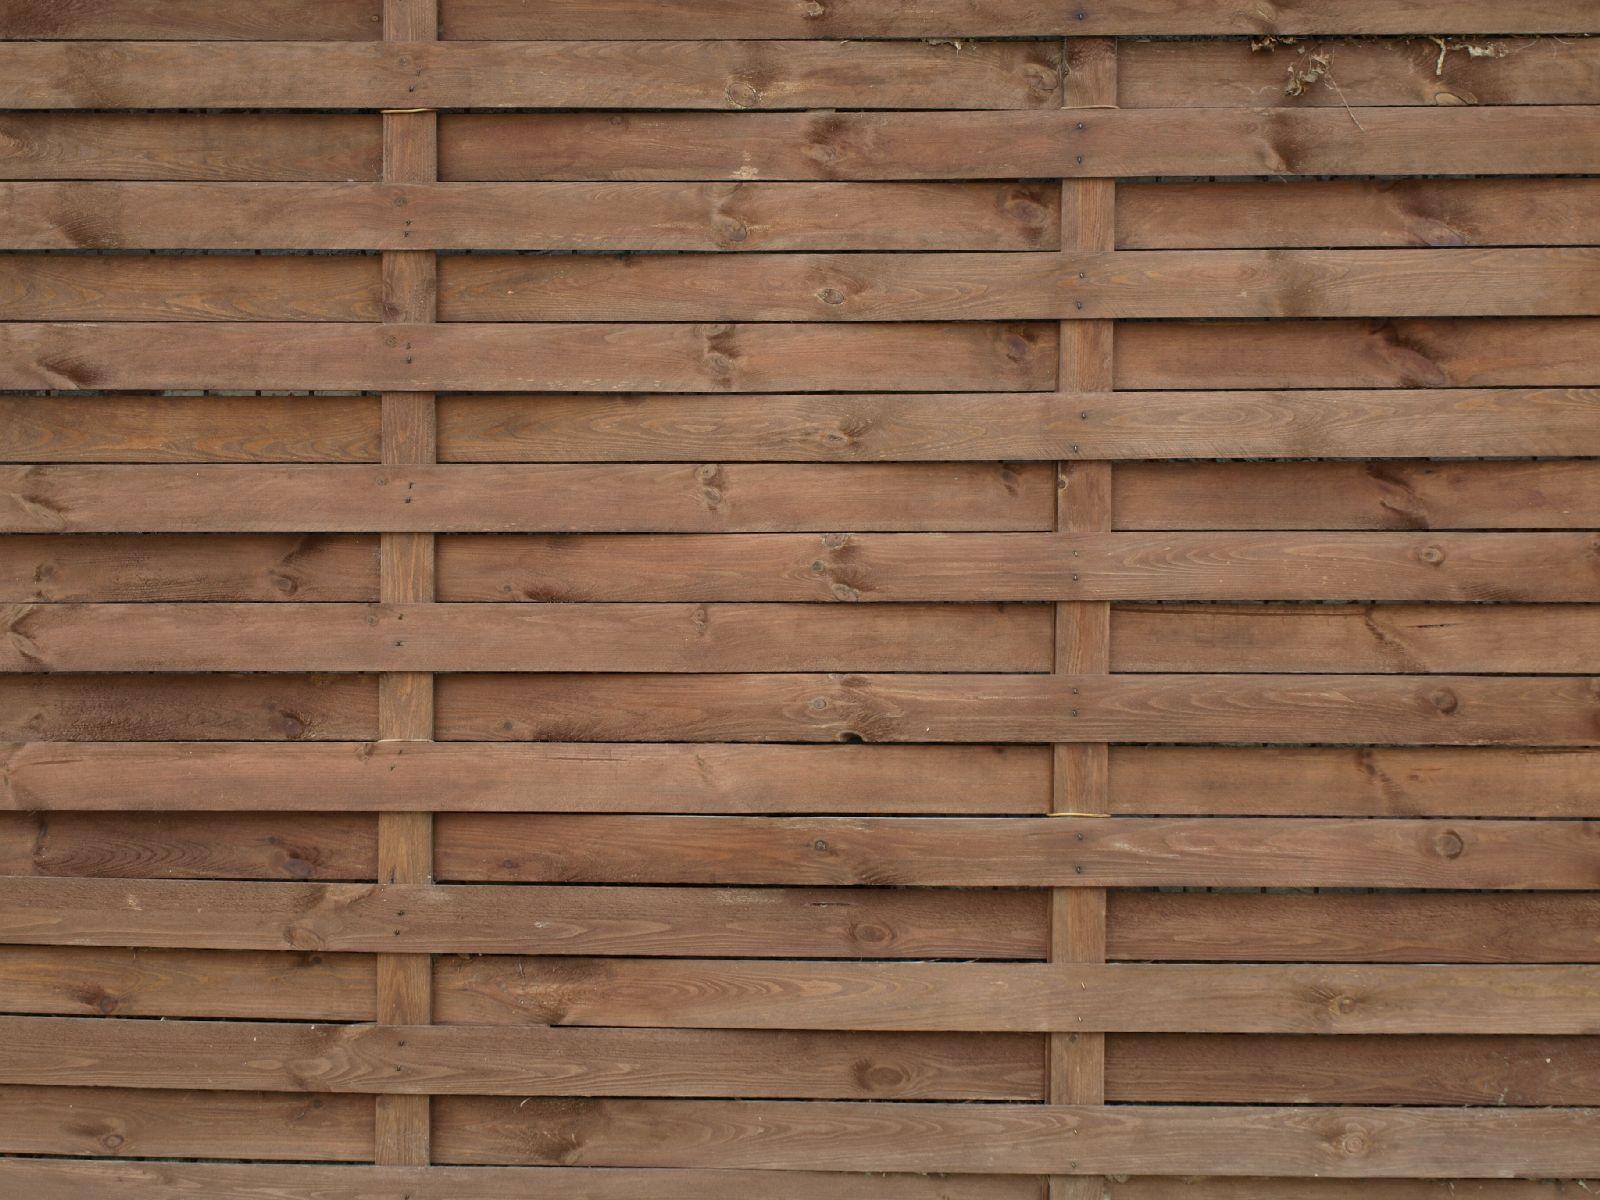 Holz_Textur_A_P4110743